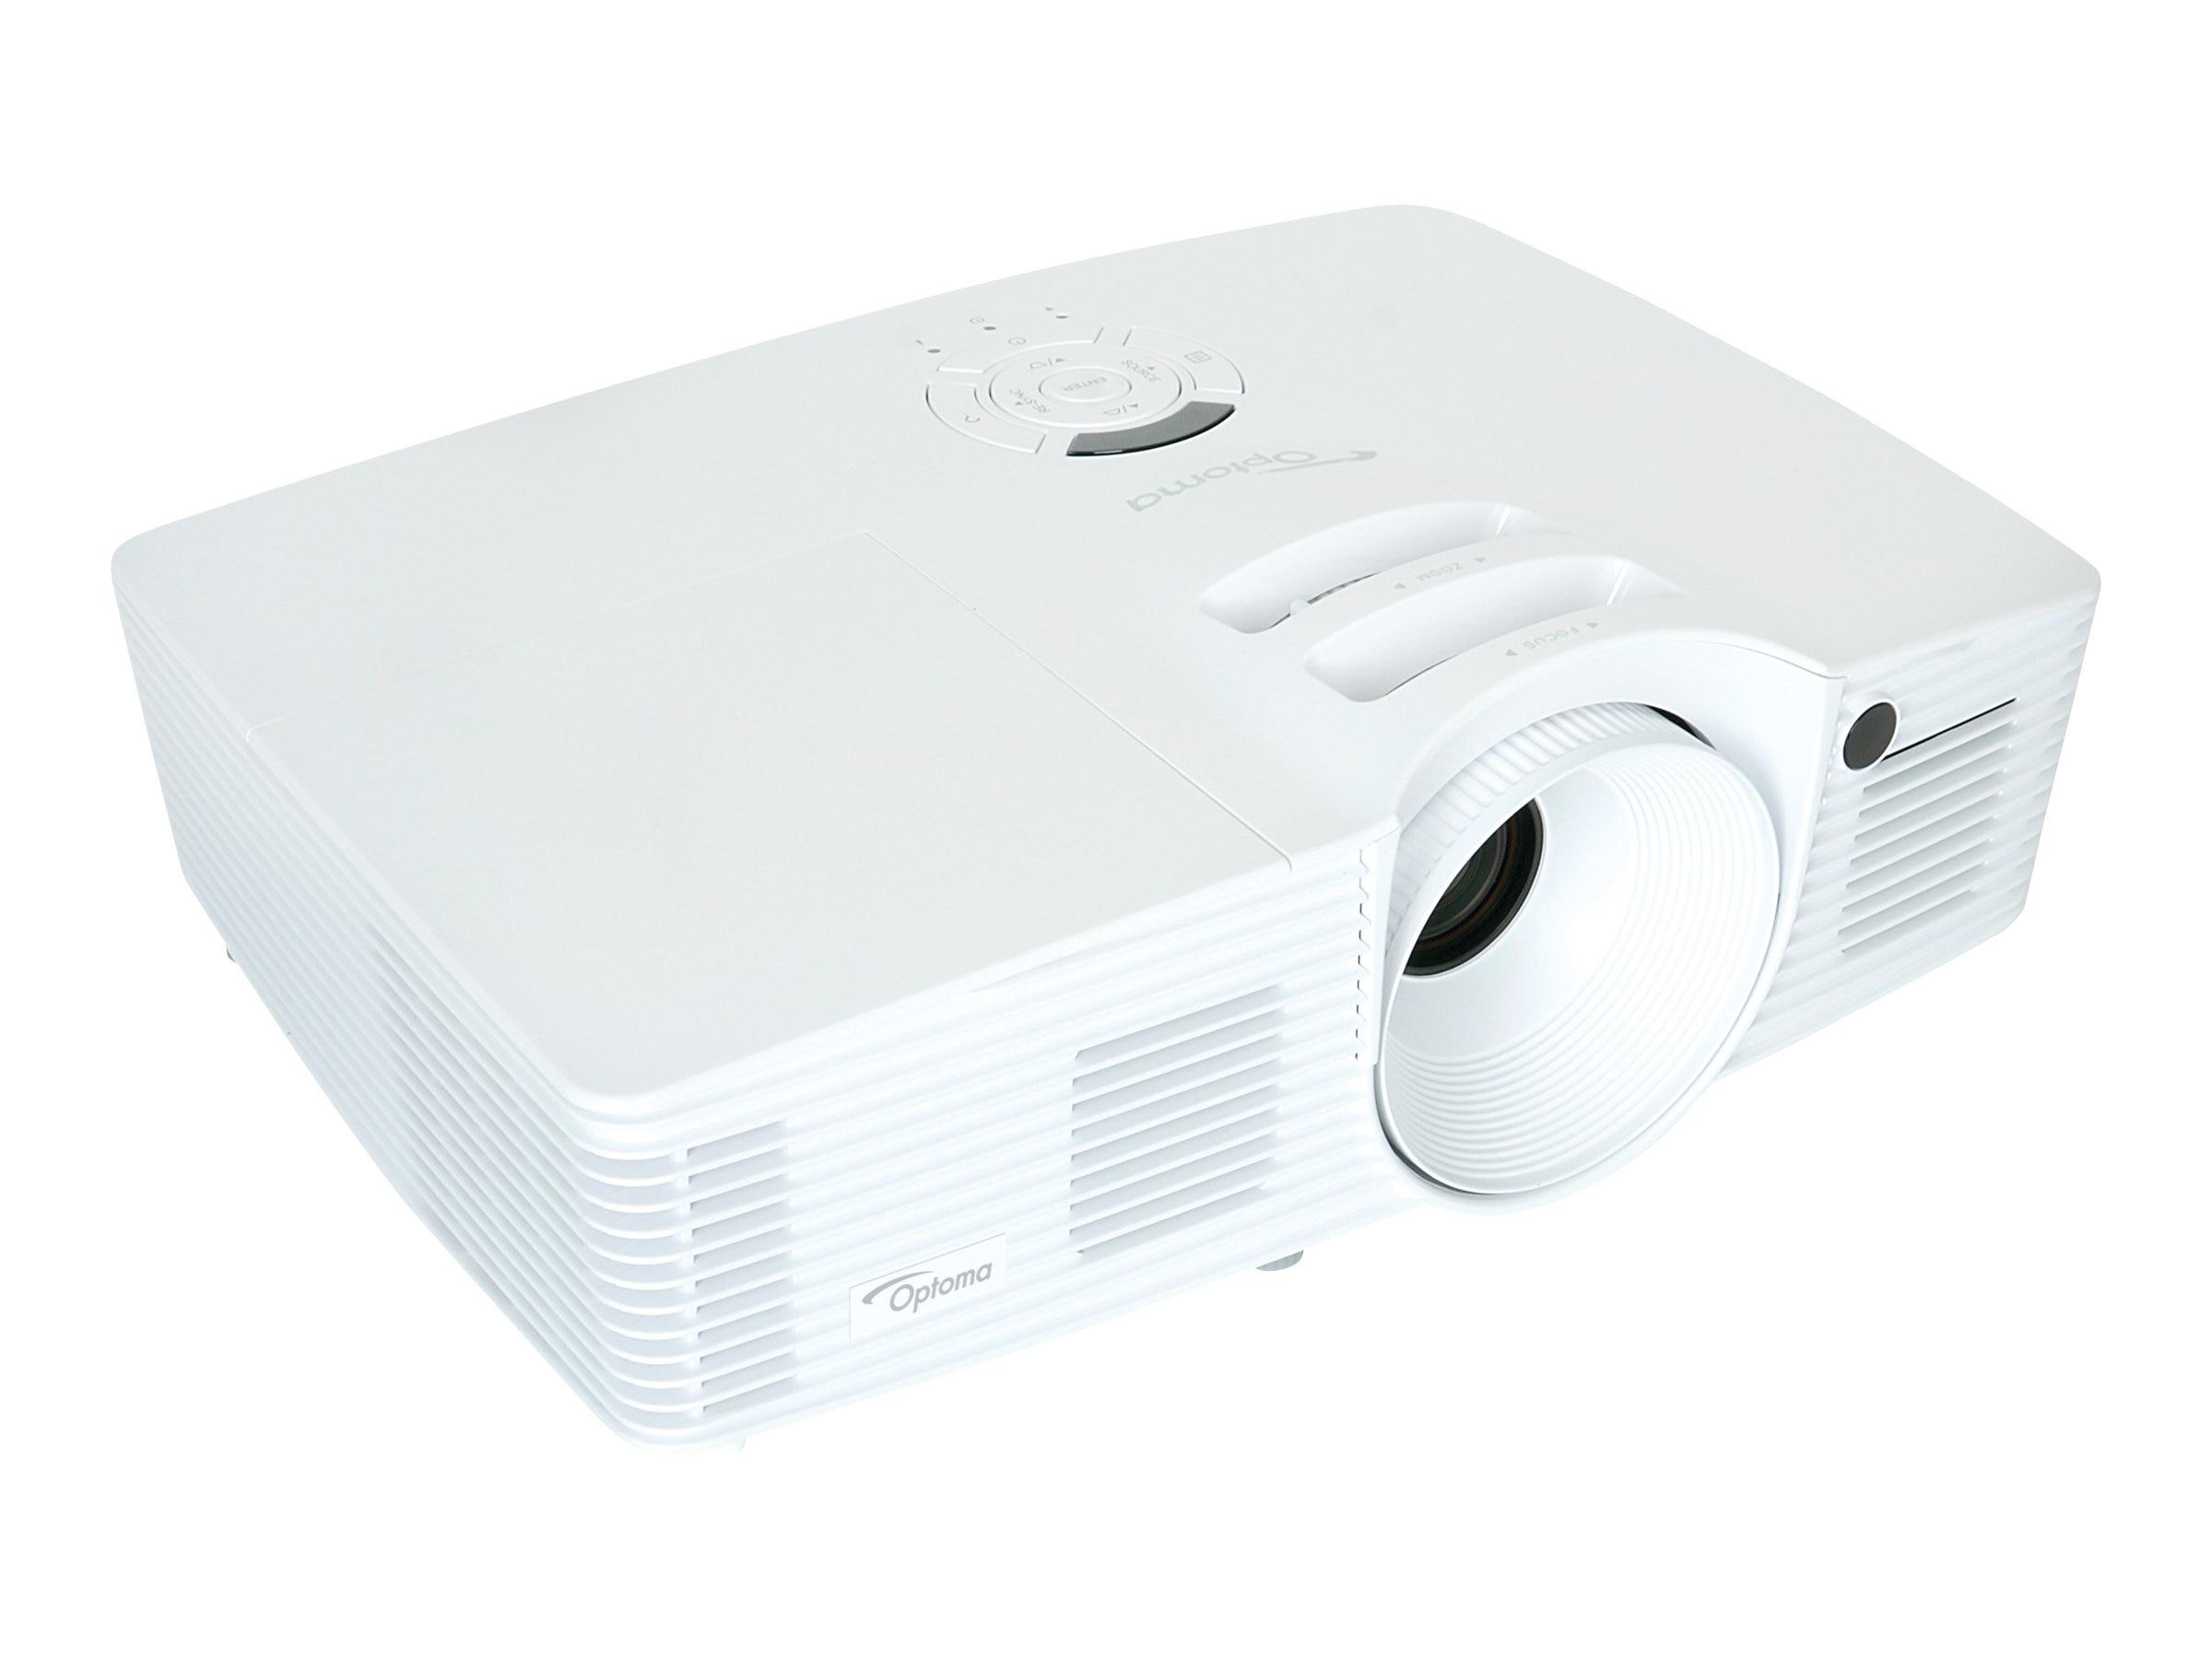 Optoma Technology HD26 Image 4